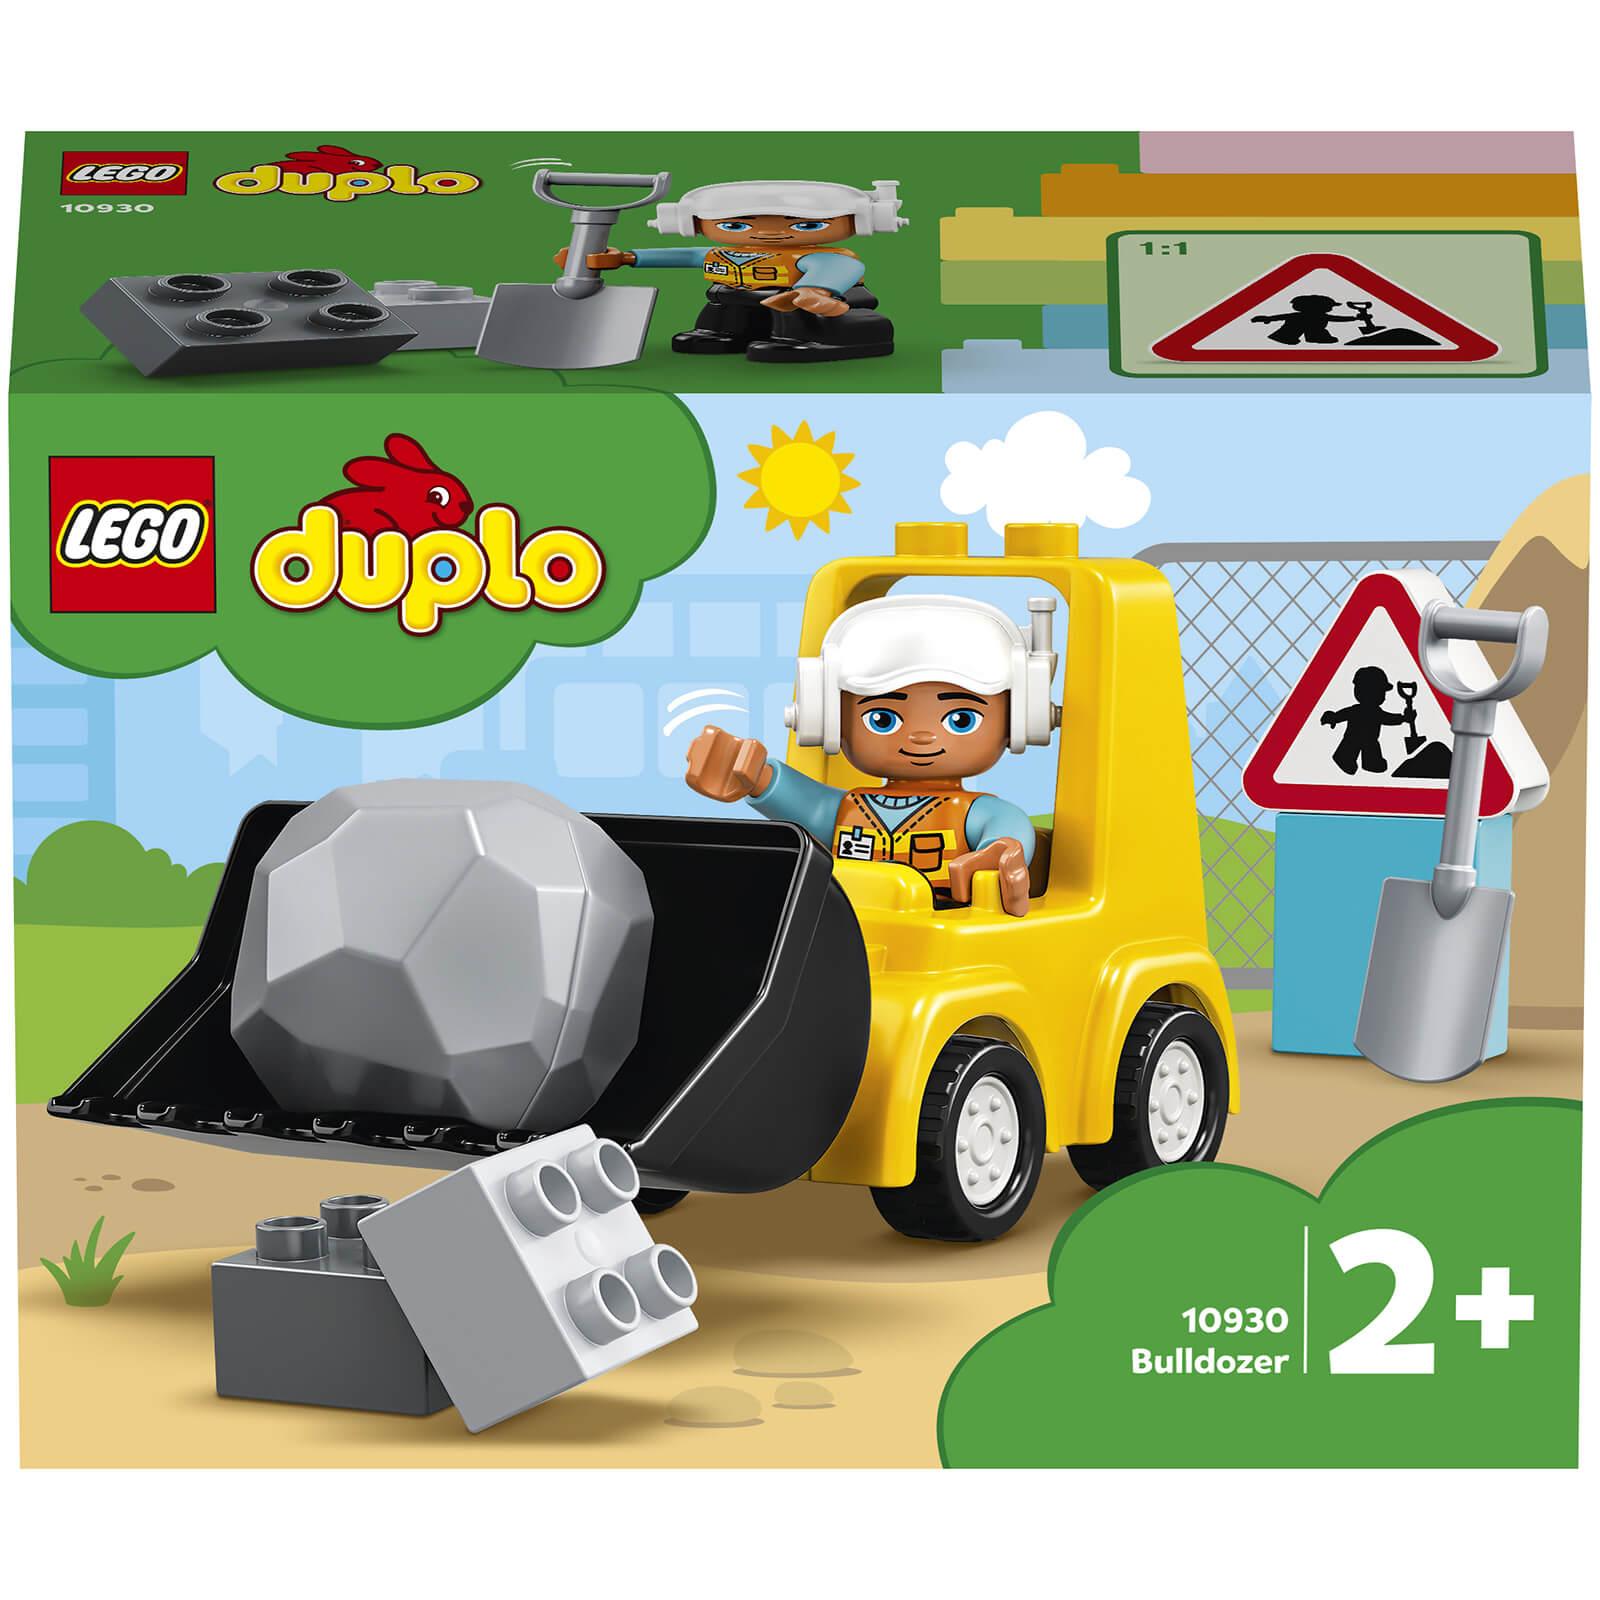 Image of 10930 LEGO® DUPLO® Wheel loader